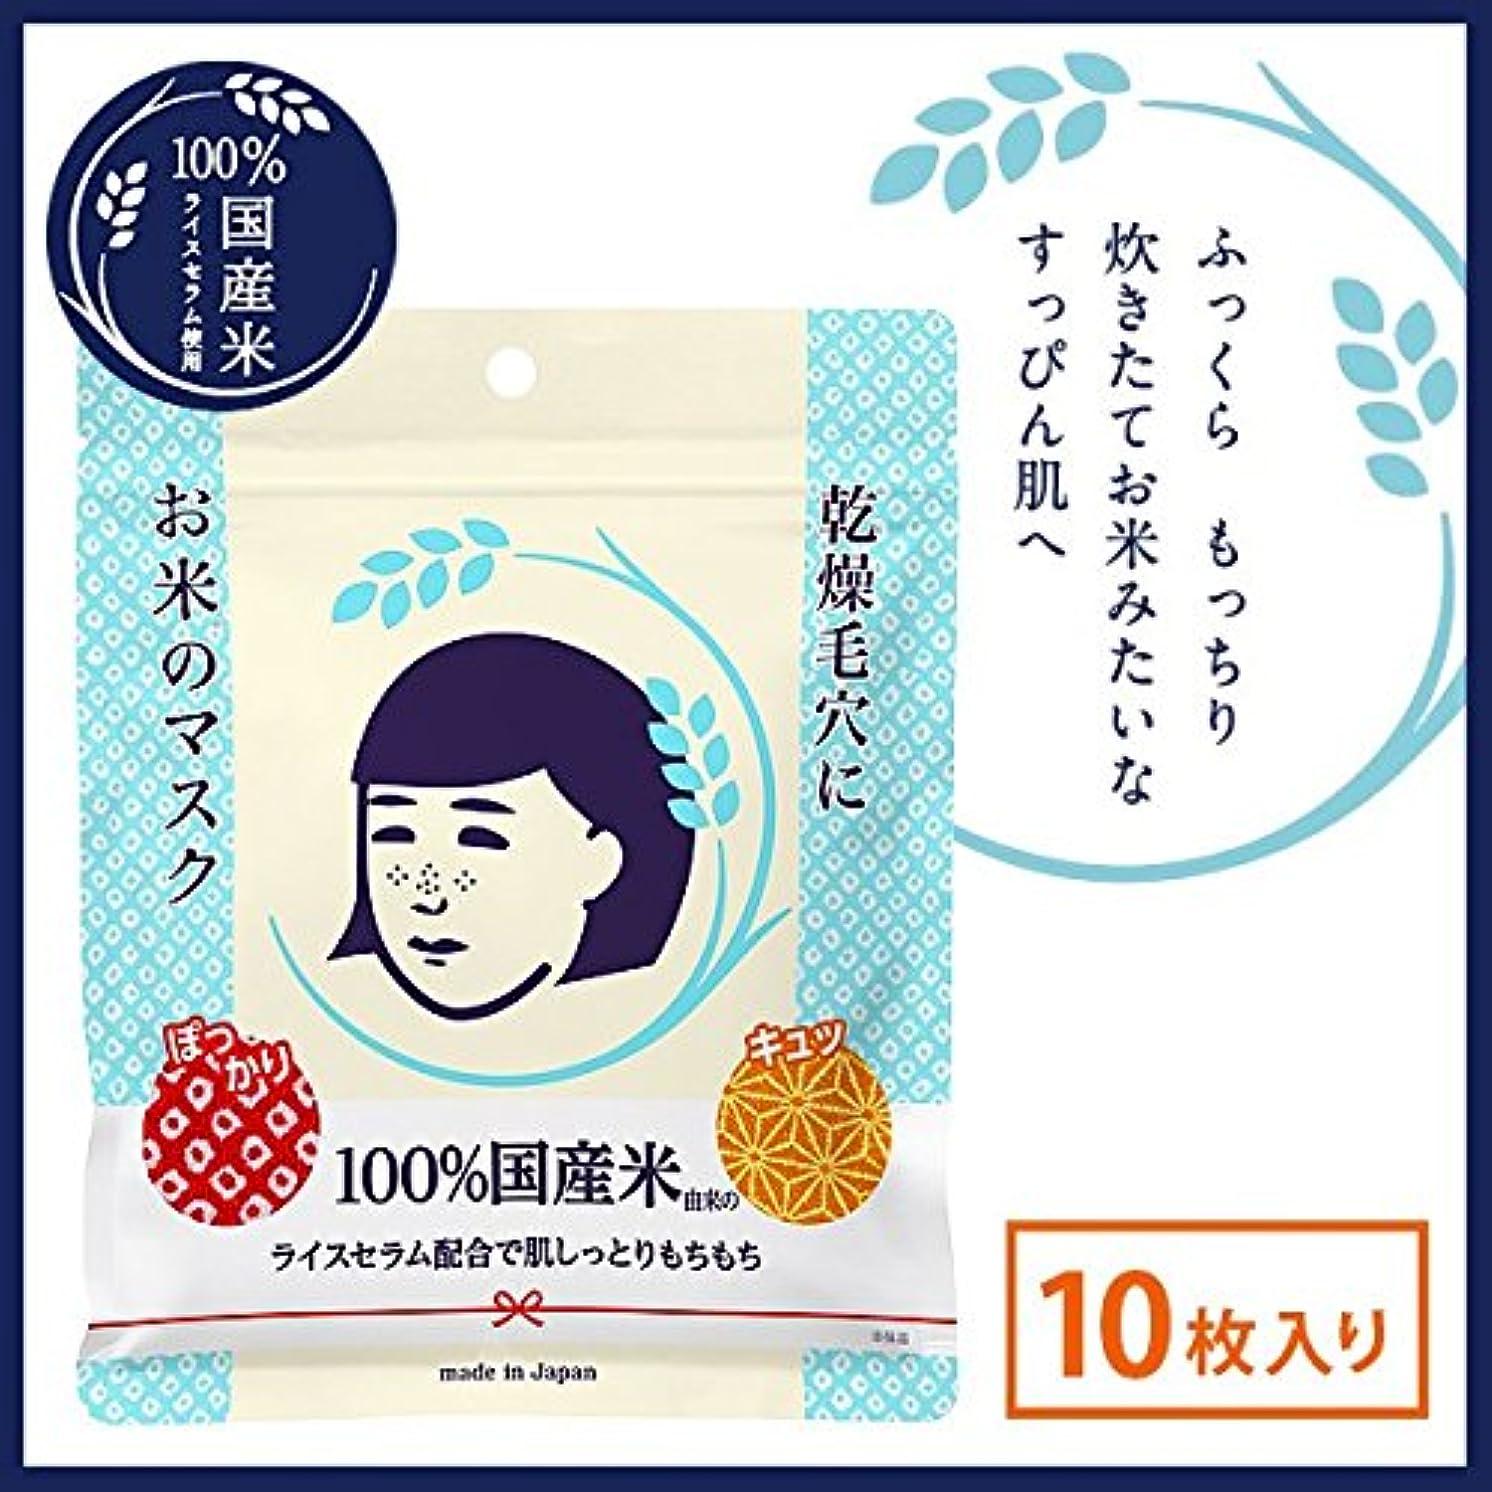 不合格抗生物質家事毛穴撫子 お米のマスク(10枚入/袋) 48袋入りケース